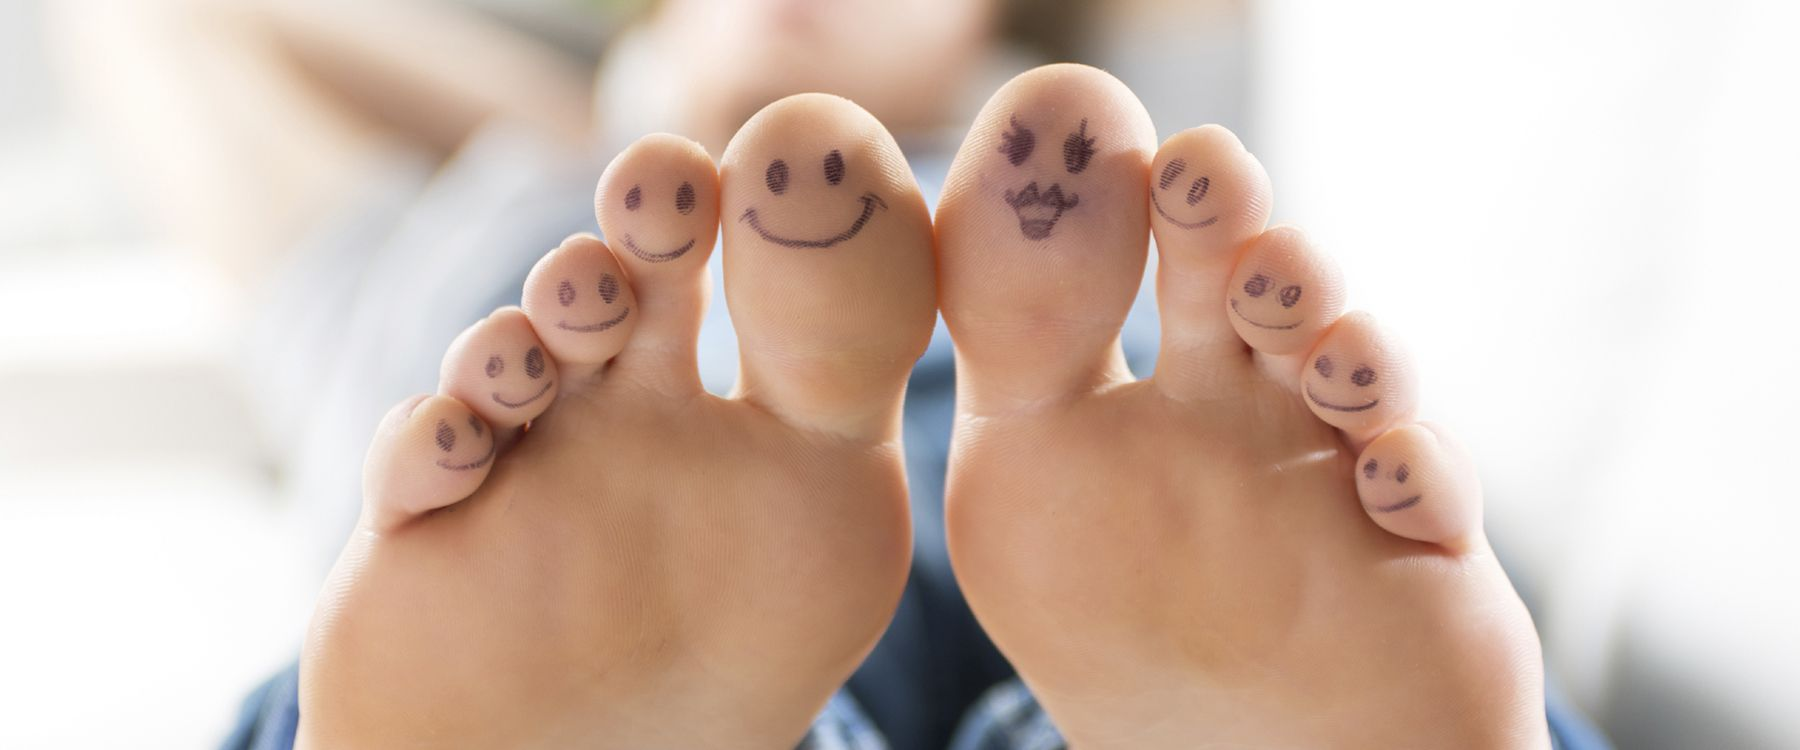 「足 指」の画像検索結果